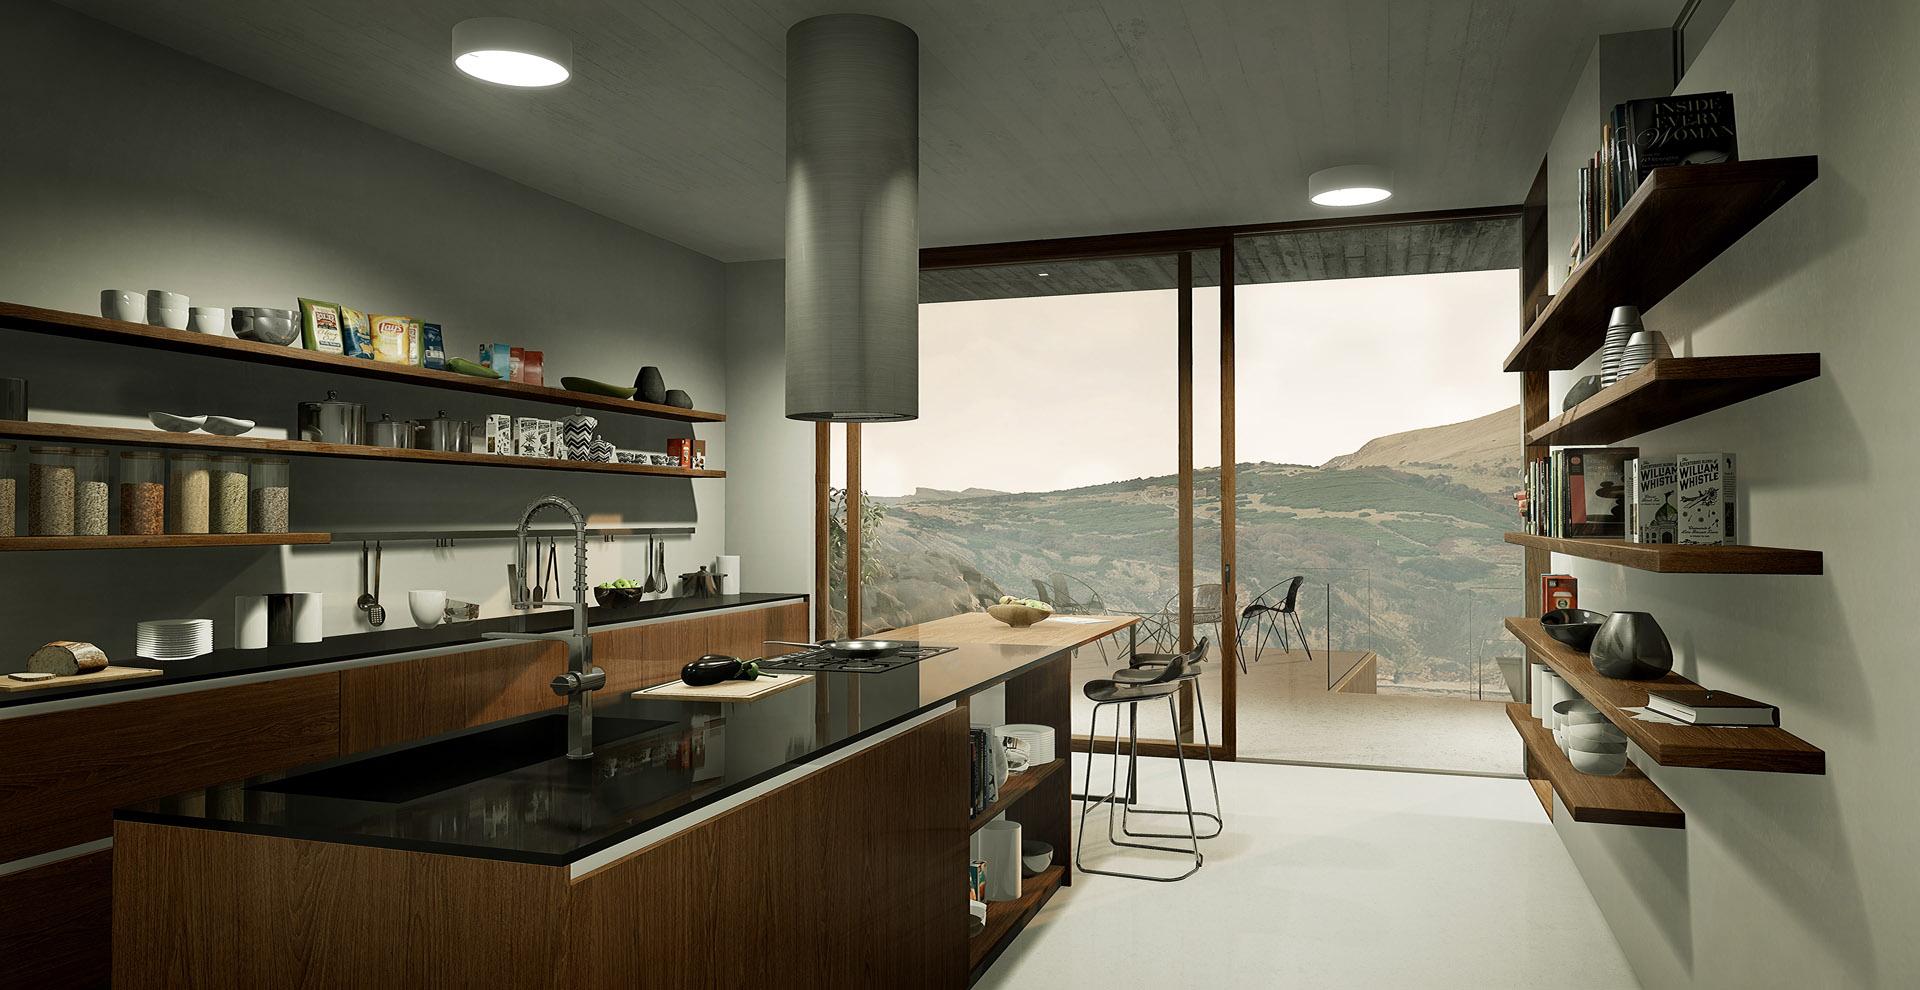 Vizualizace z prostředí rt-VISUAL, projekt Dream house